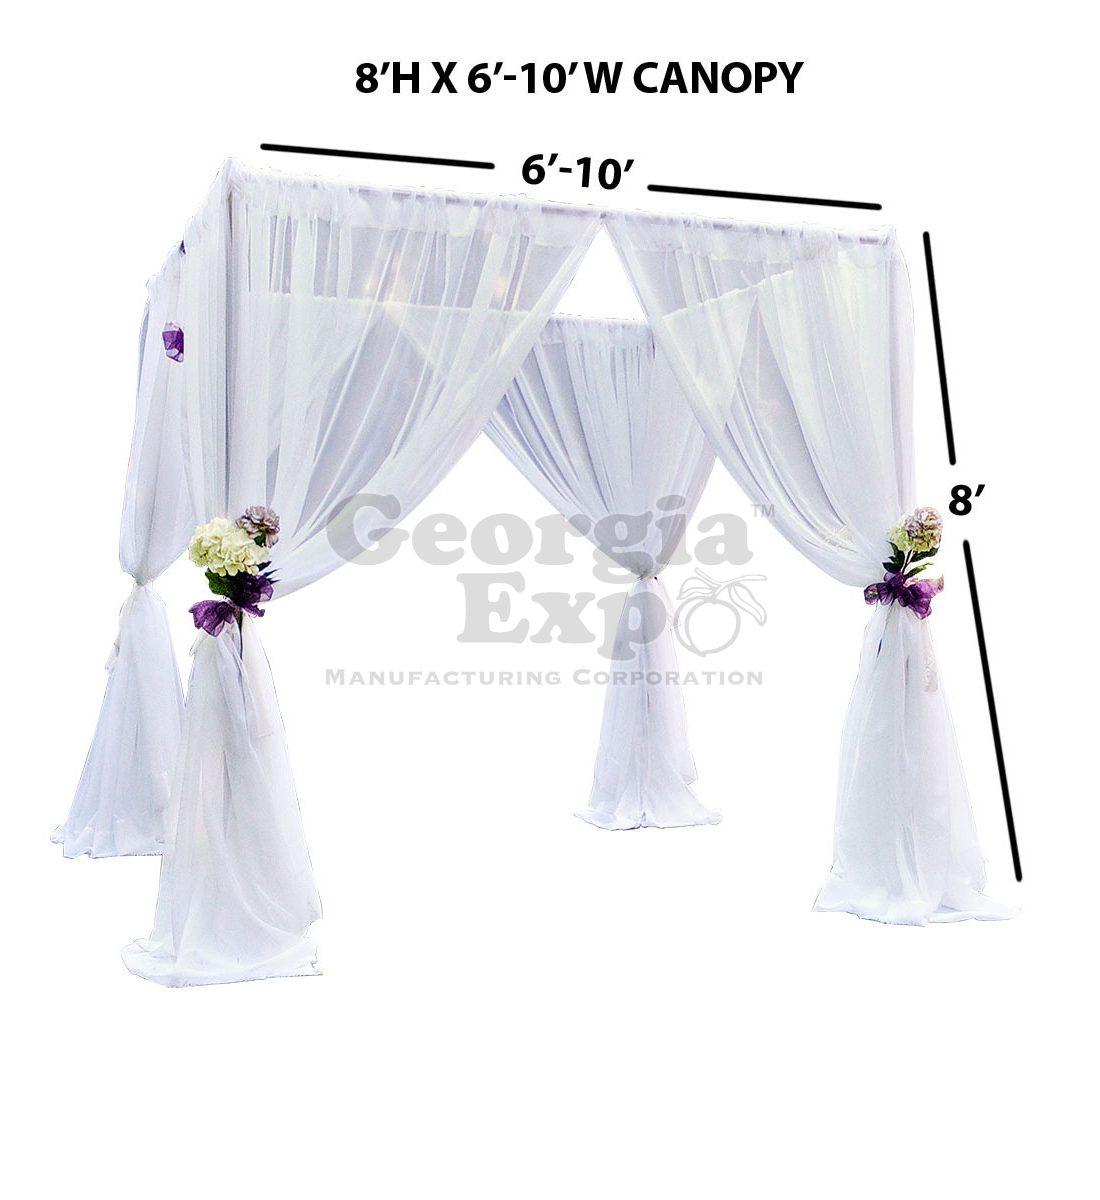 Wedding Canopy/Chuppah  sc 1 st  Georgia Expo & Wedding Canopy/Chuppah-Specialty Wedding and Event Equipment ...